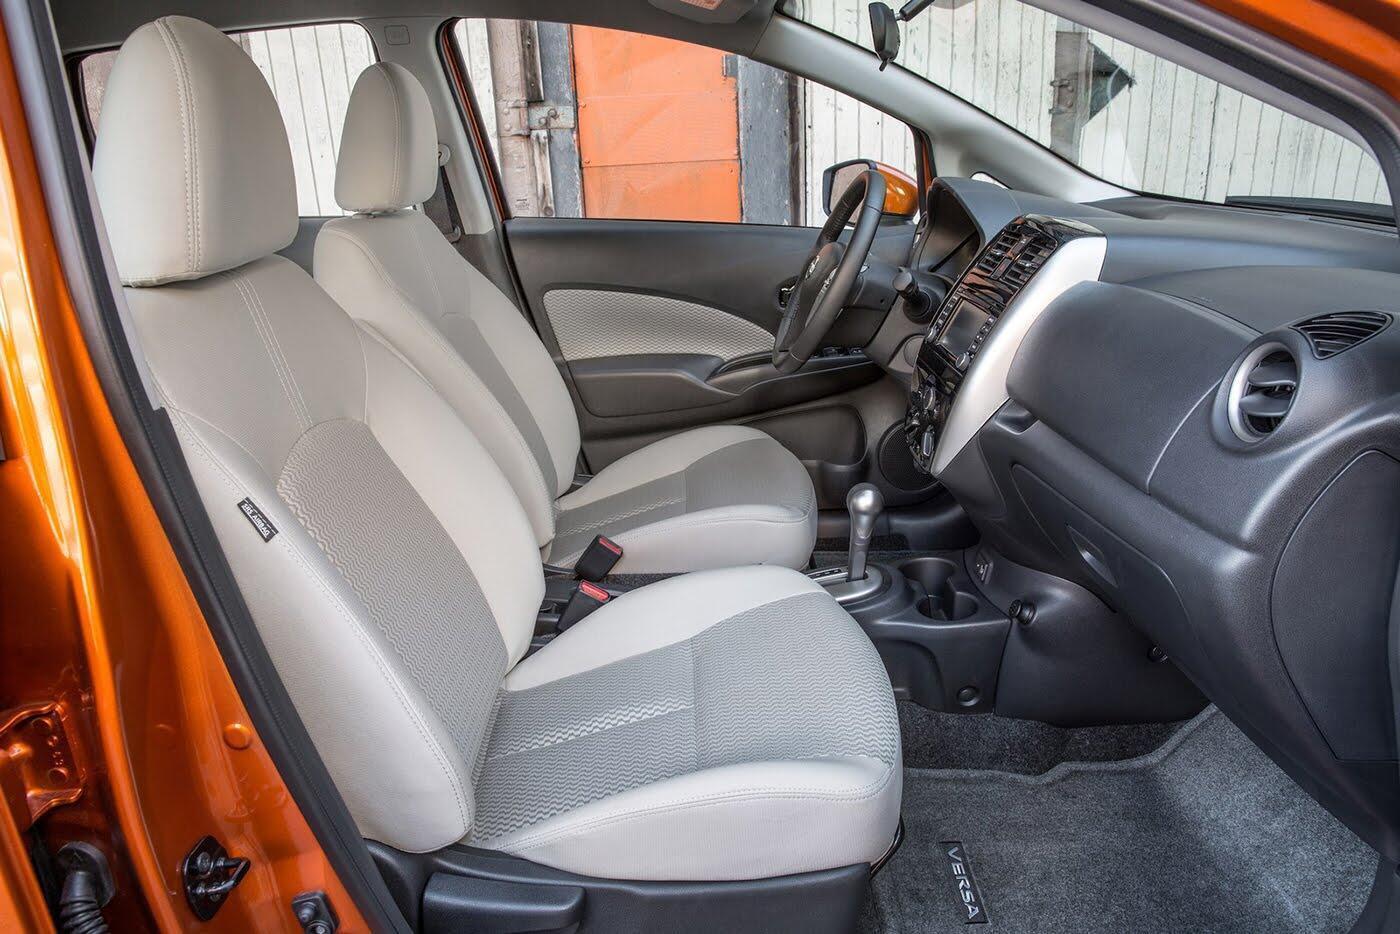 Nissan Sunny 2018 có thêm phiên bản hatchback - Hình 5